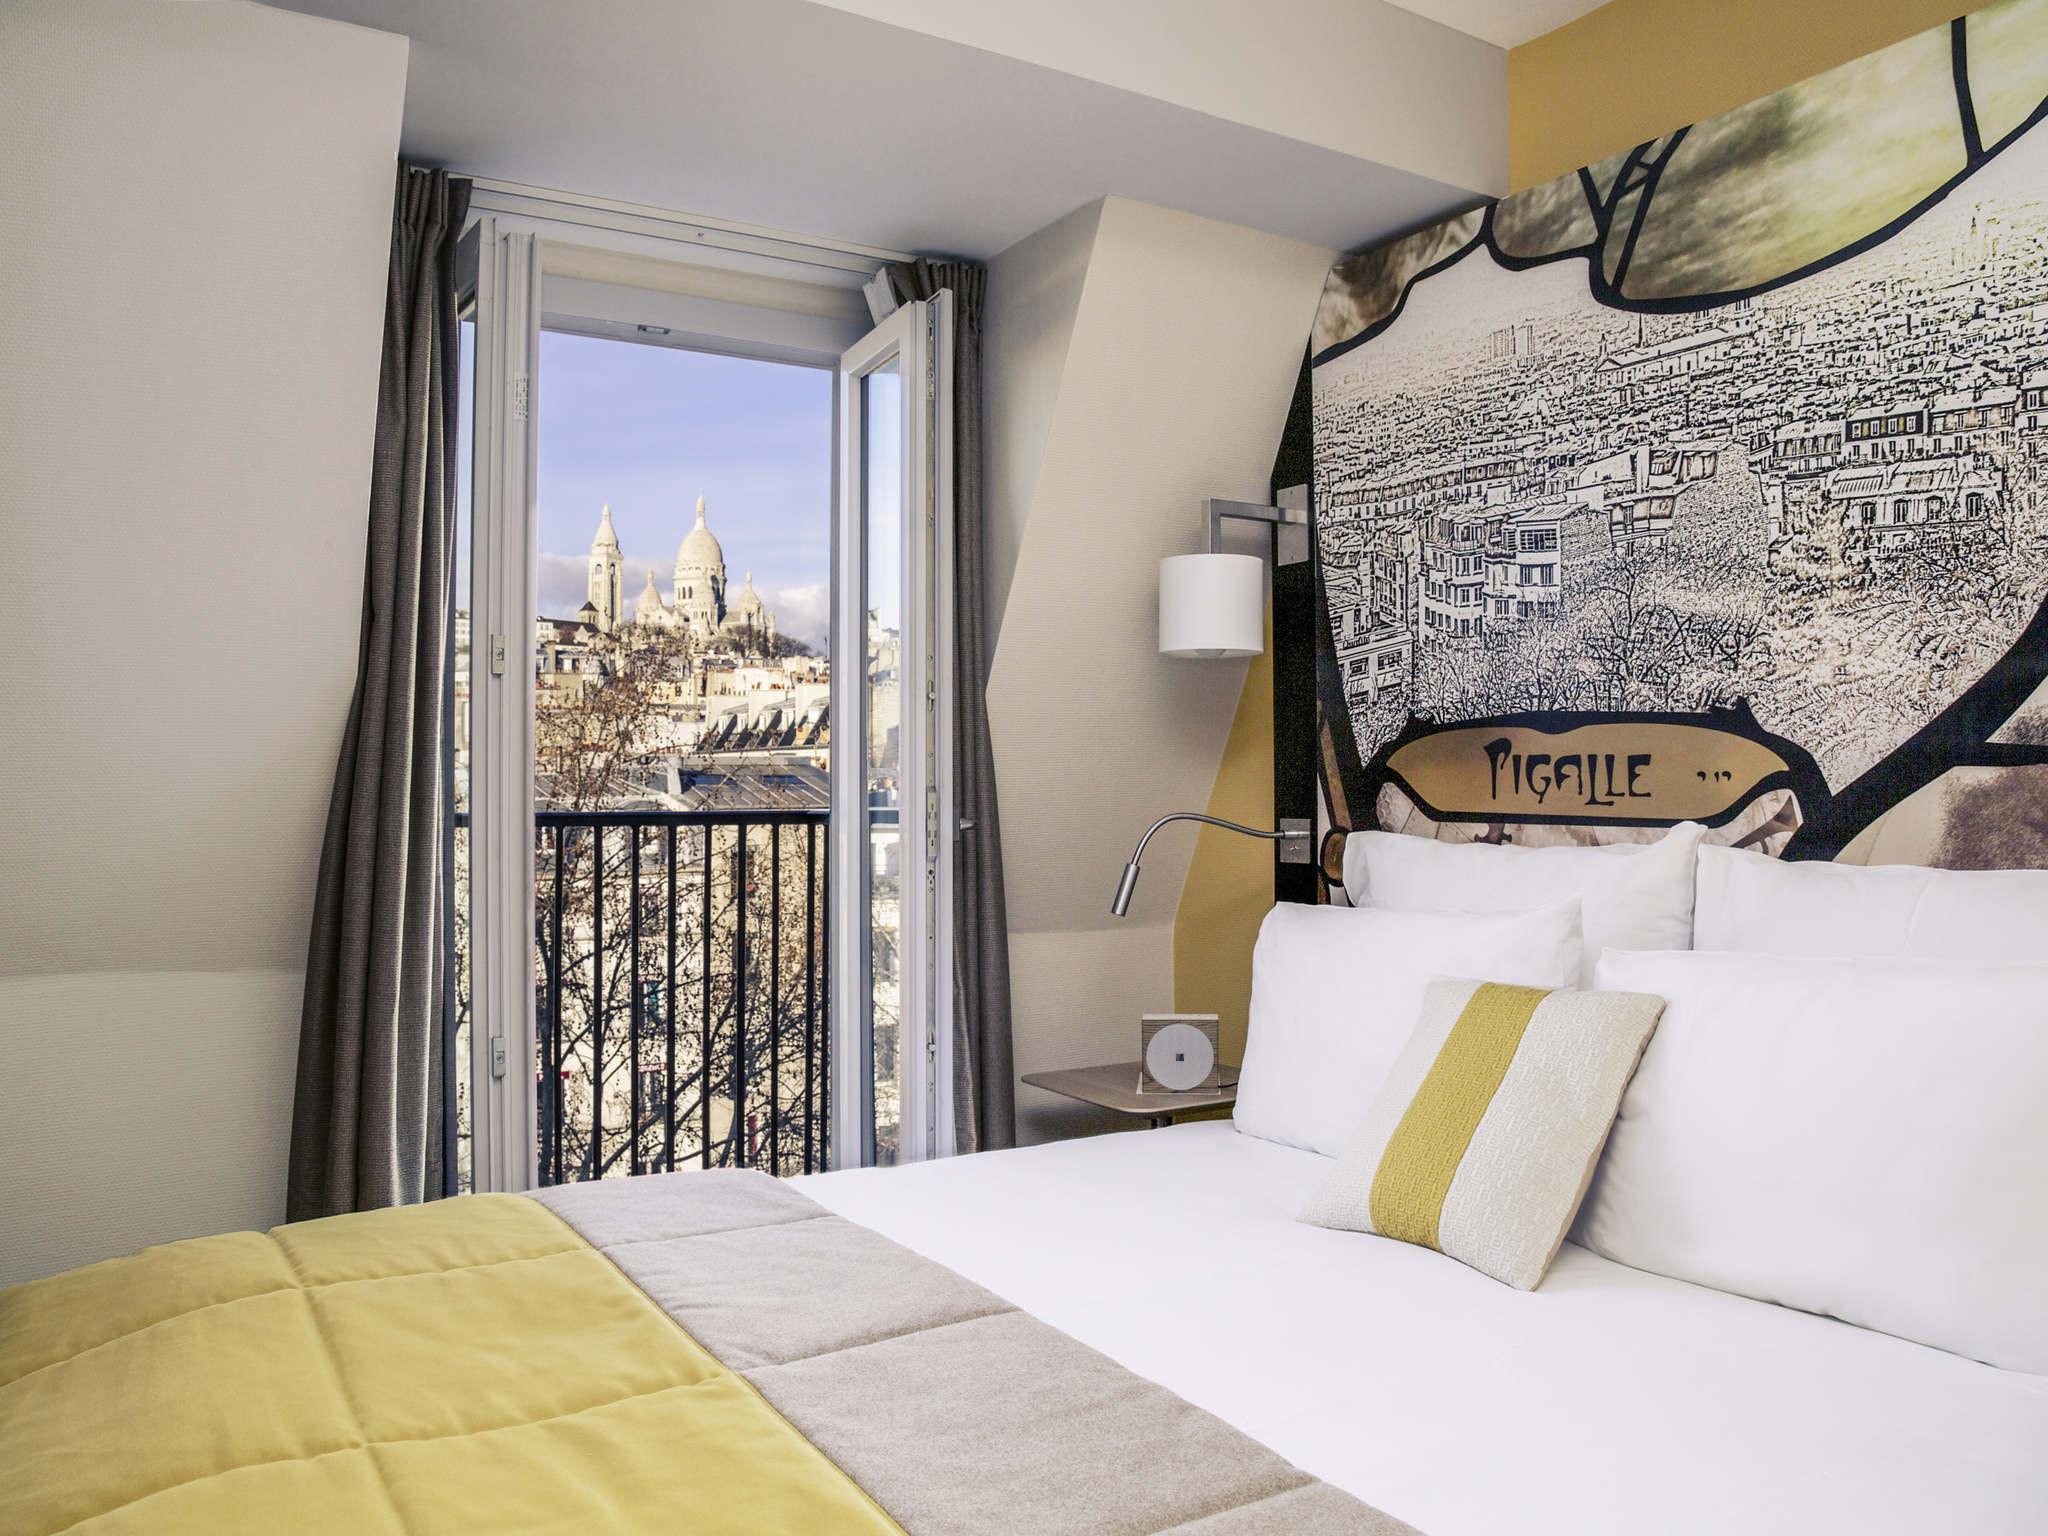 فندق - فندق مركيور Mercure باريس 9 بيجال ساكري كور